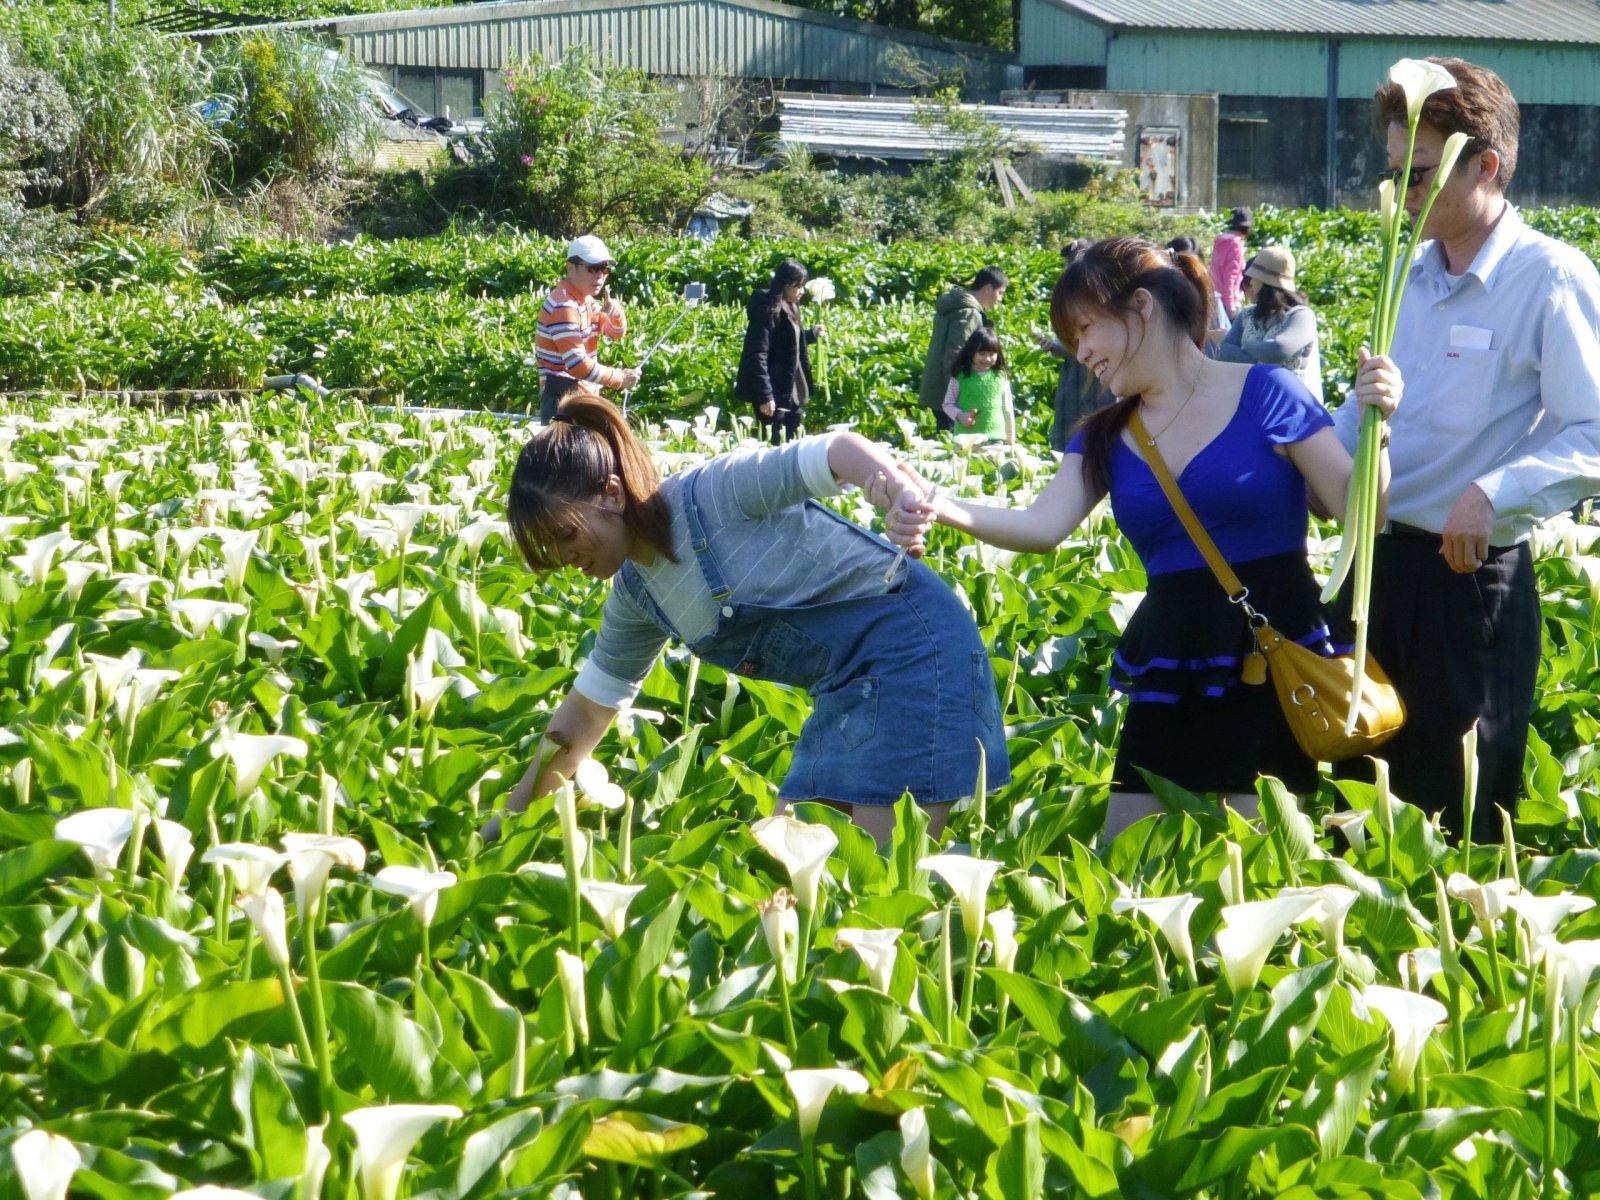 Ludzie zbierają lilie w czasie Festiwalu Lilii w Tajpej, Tajwan.